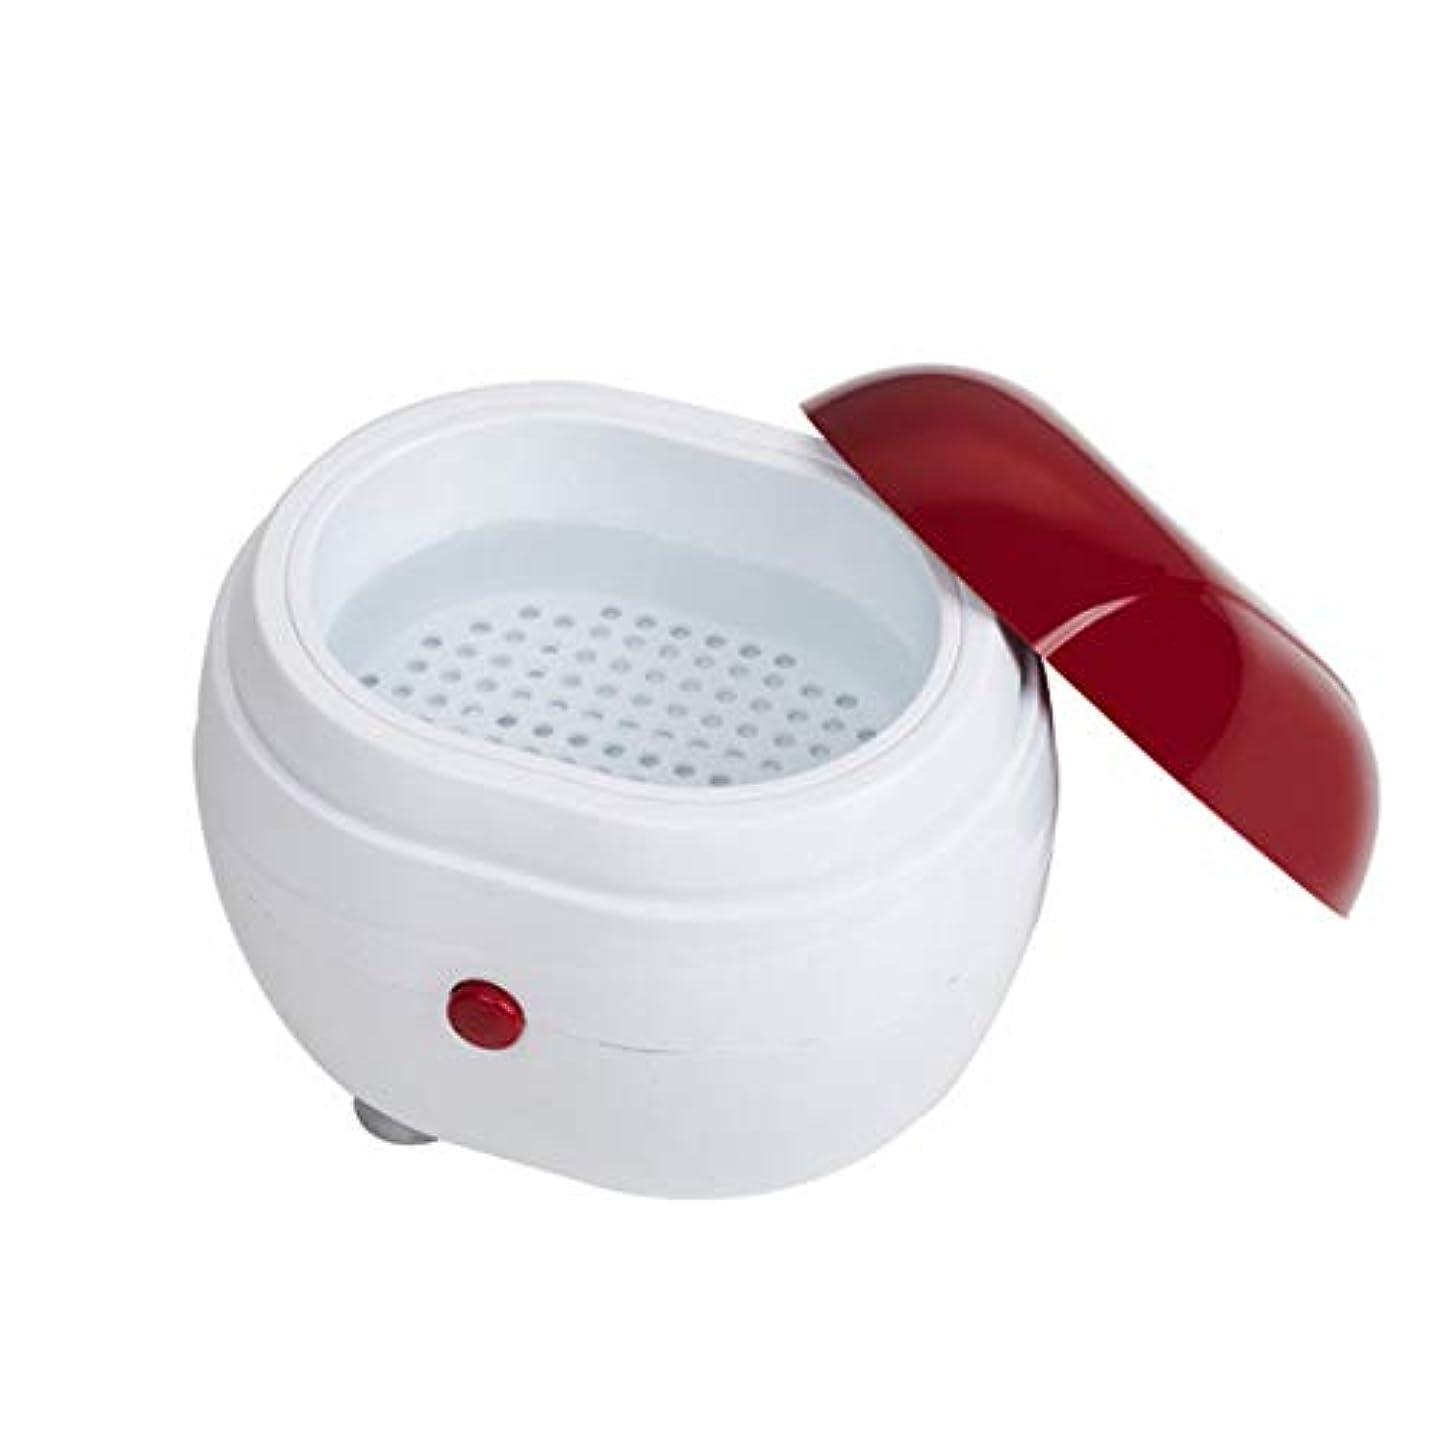 ぶどう王子を通してMolySun 歯用ツール 歯清潔 ポータブル超音波洗浄機家庭用ジュエリーレンズ時計入れ歯洗浄機洗濯機クリーナークリーニングボックス 赤と白